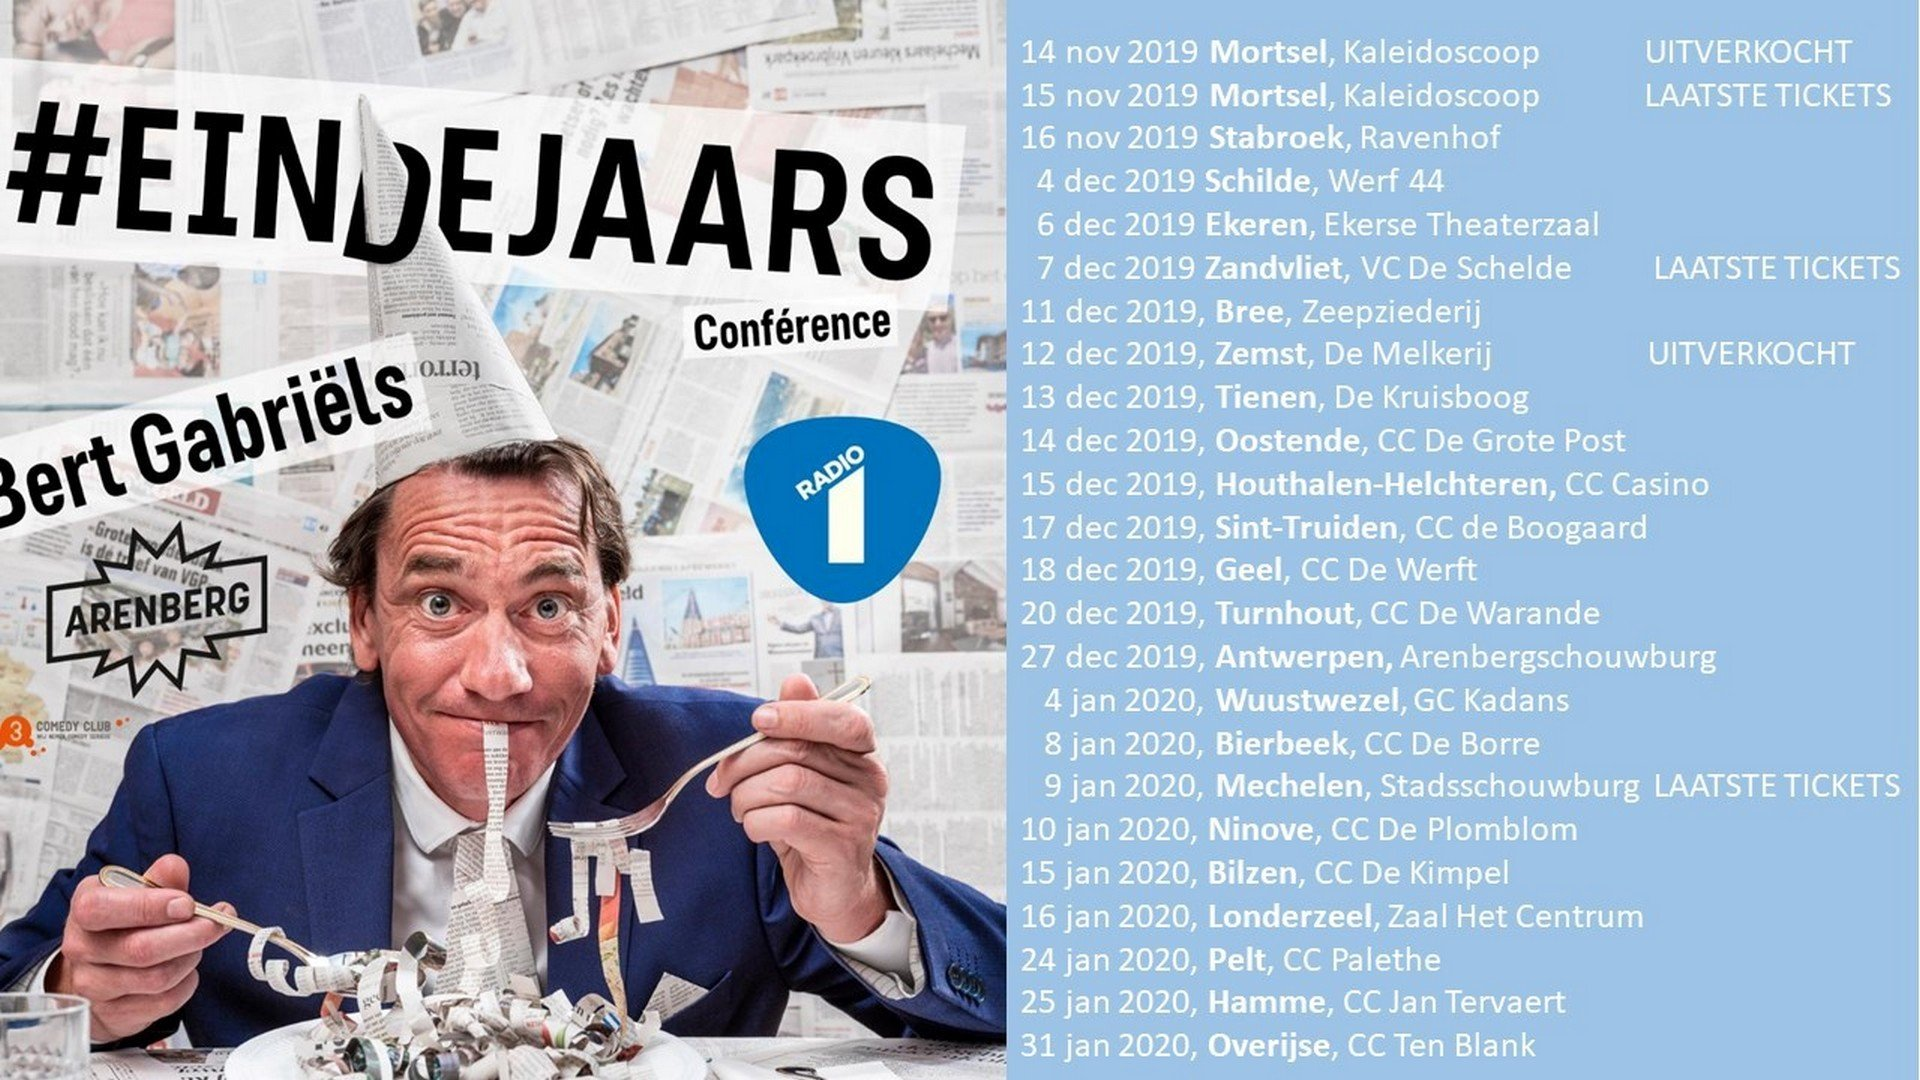 Bert Gabriëls lacht op radio en tv met het voorbije jaar! - concertdata eindejaarsshow Bert Gabriëls